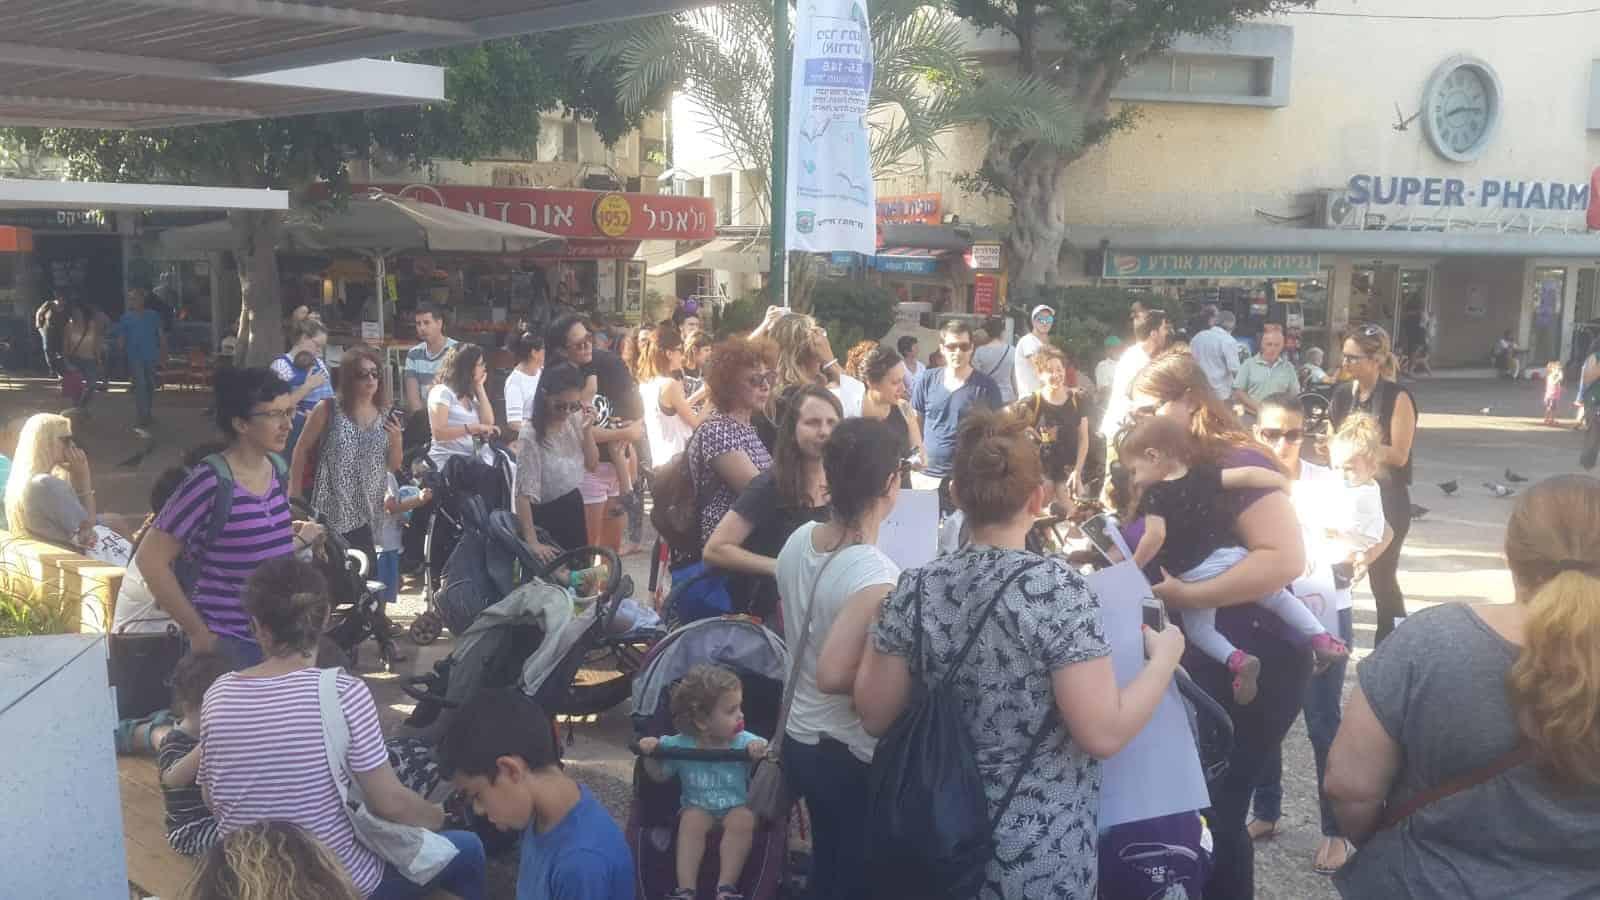 הפגנת האמהות בכיכר אורדע אמש, צילום: פרטי